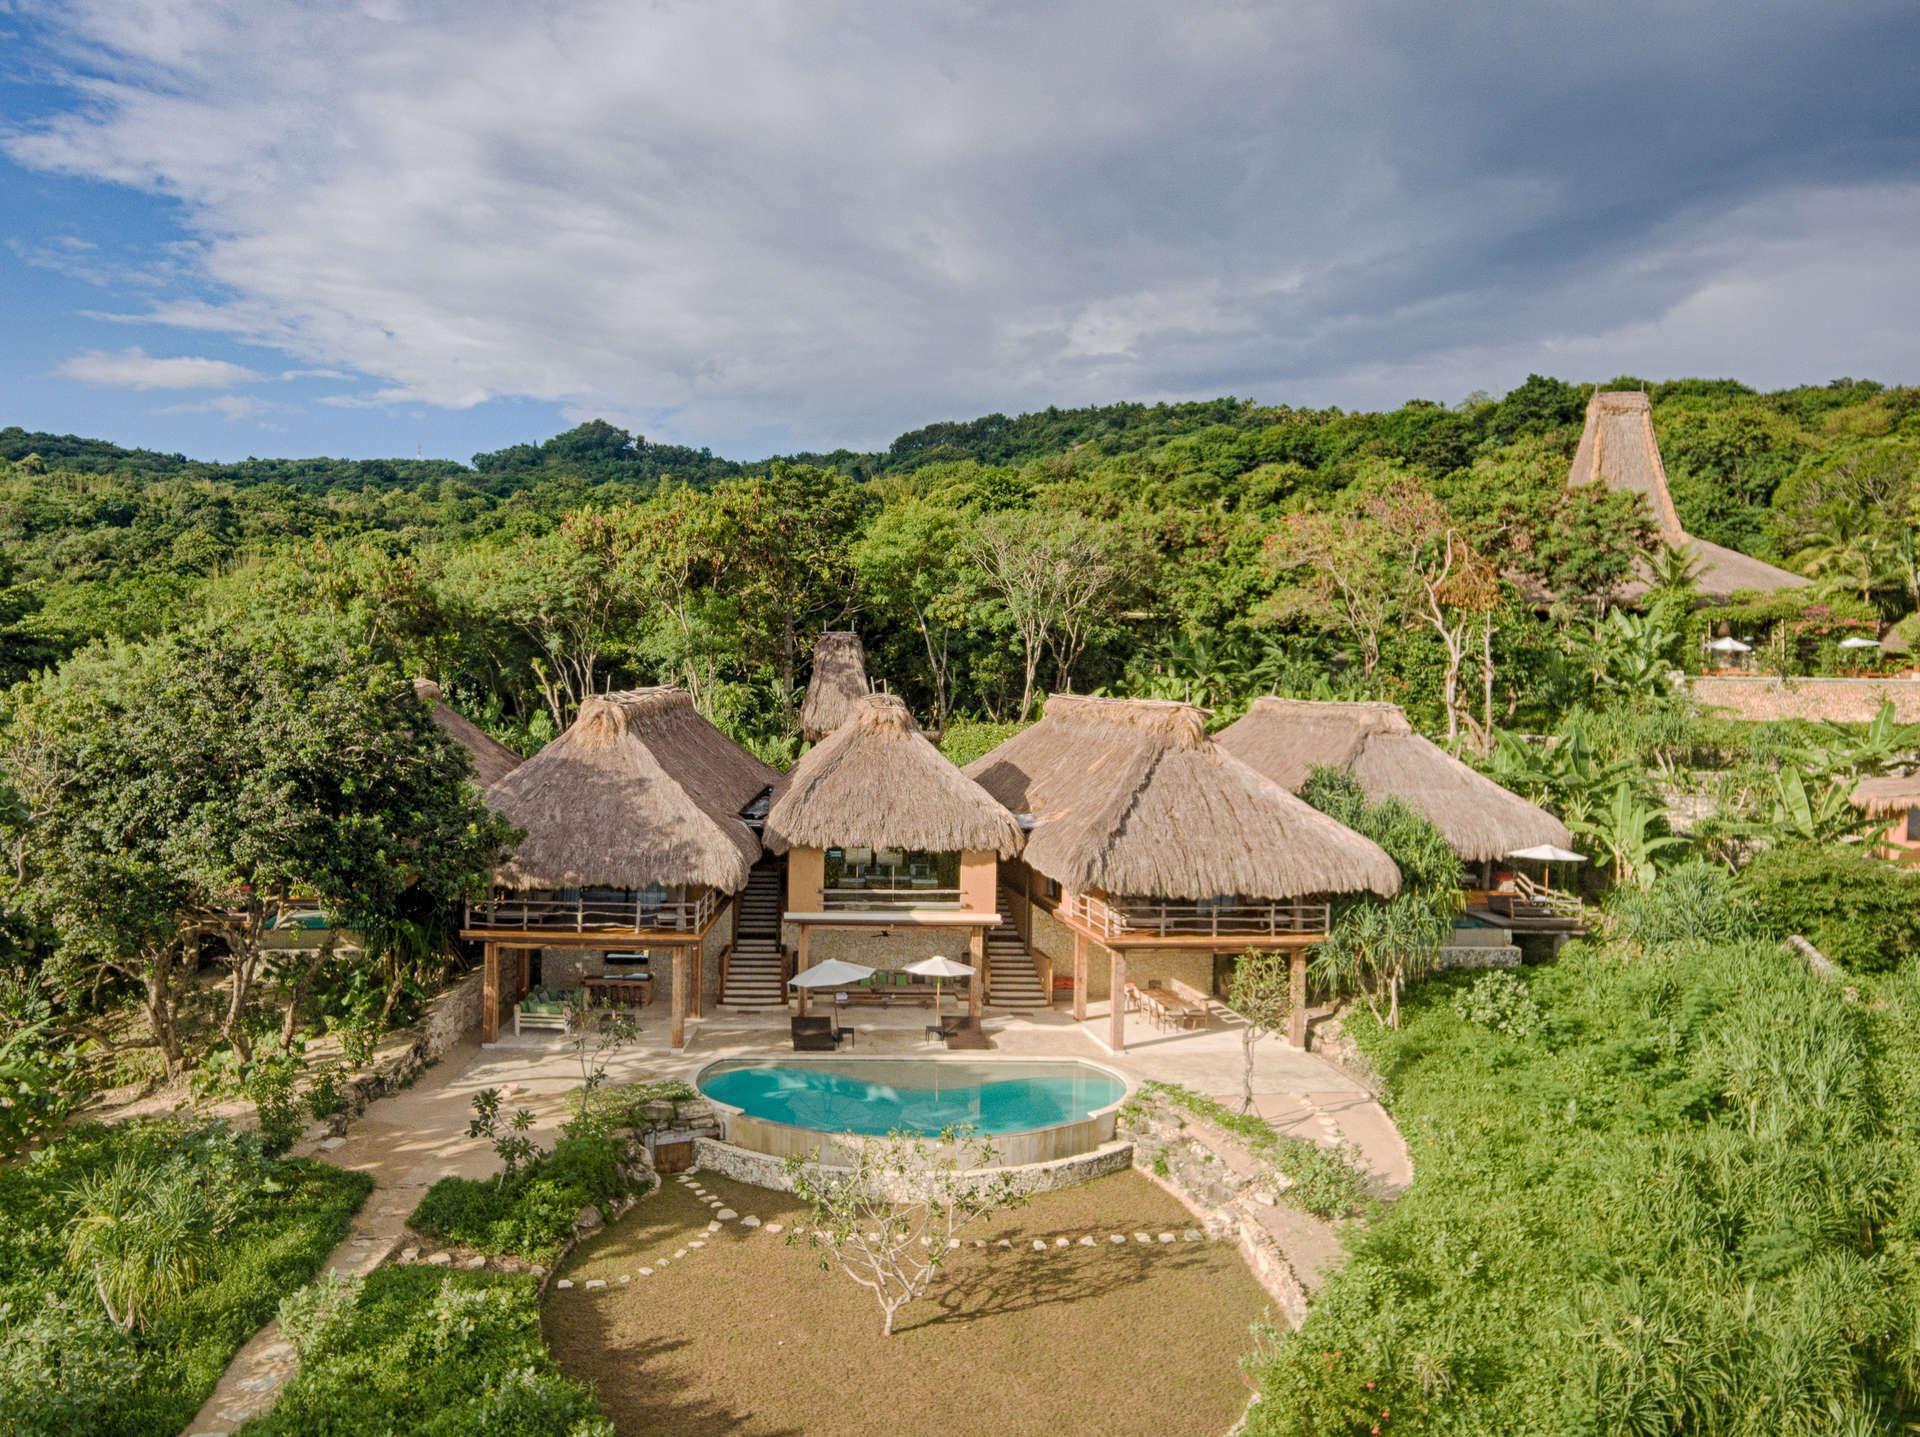 Luxury villa rentals asia - Indonesia - Sumba - Nihi sumba - Lantoro Estate - Image 1/13